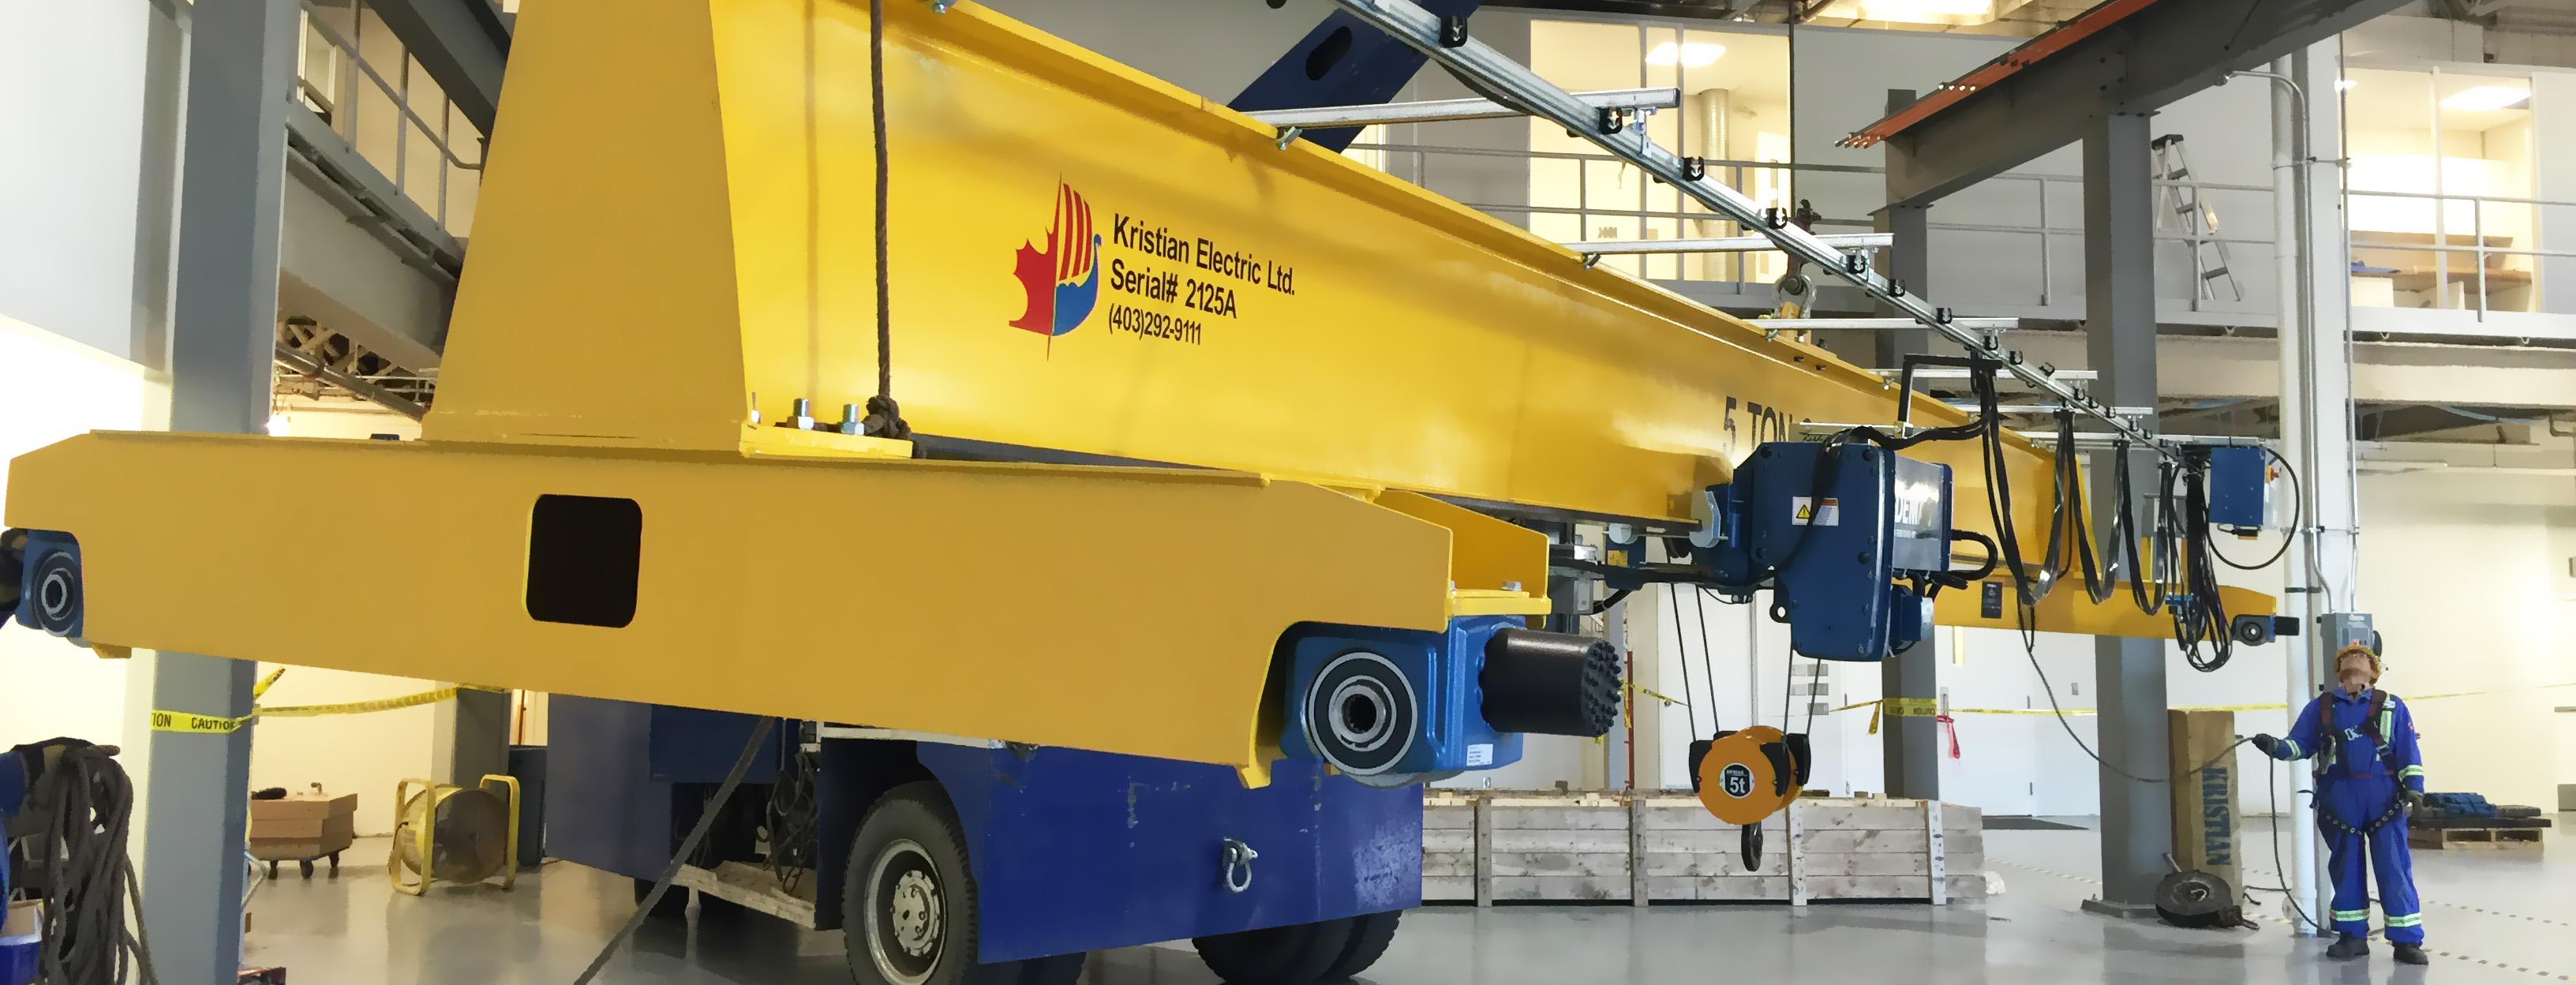 Kristian Electric Ltd Lift Weld Cut